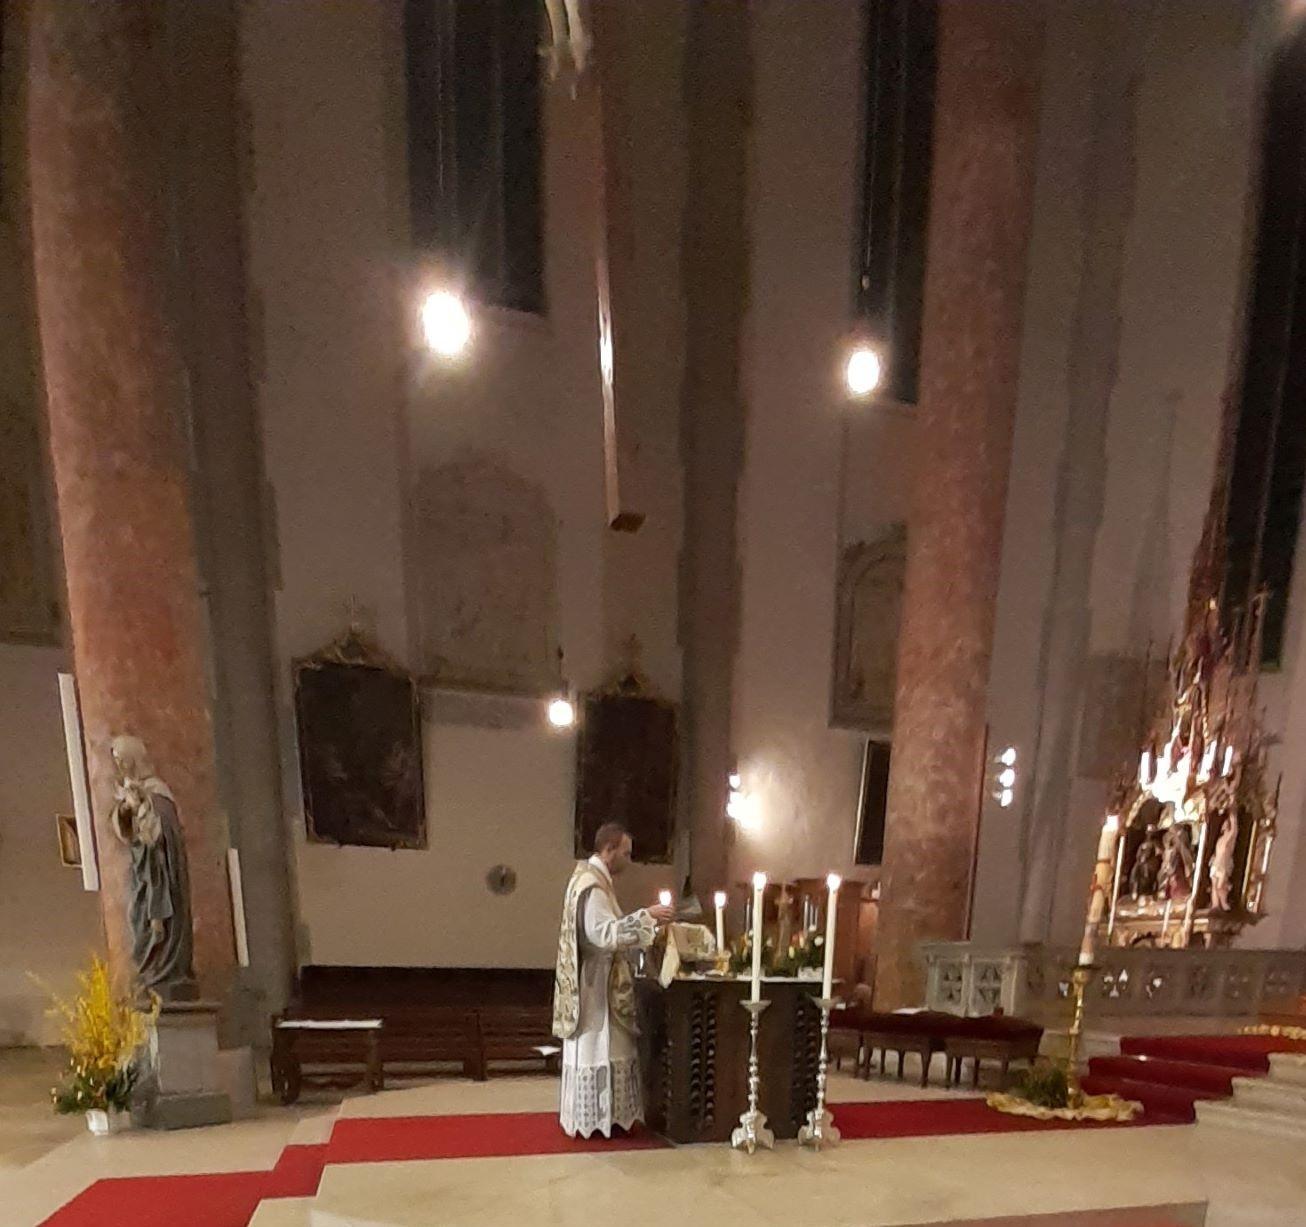 Osternacht - Hl. Messe am Hauptaltar des Münsters